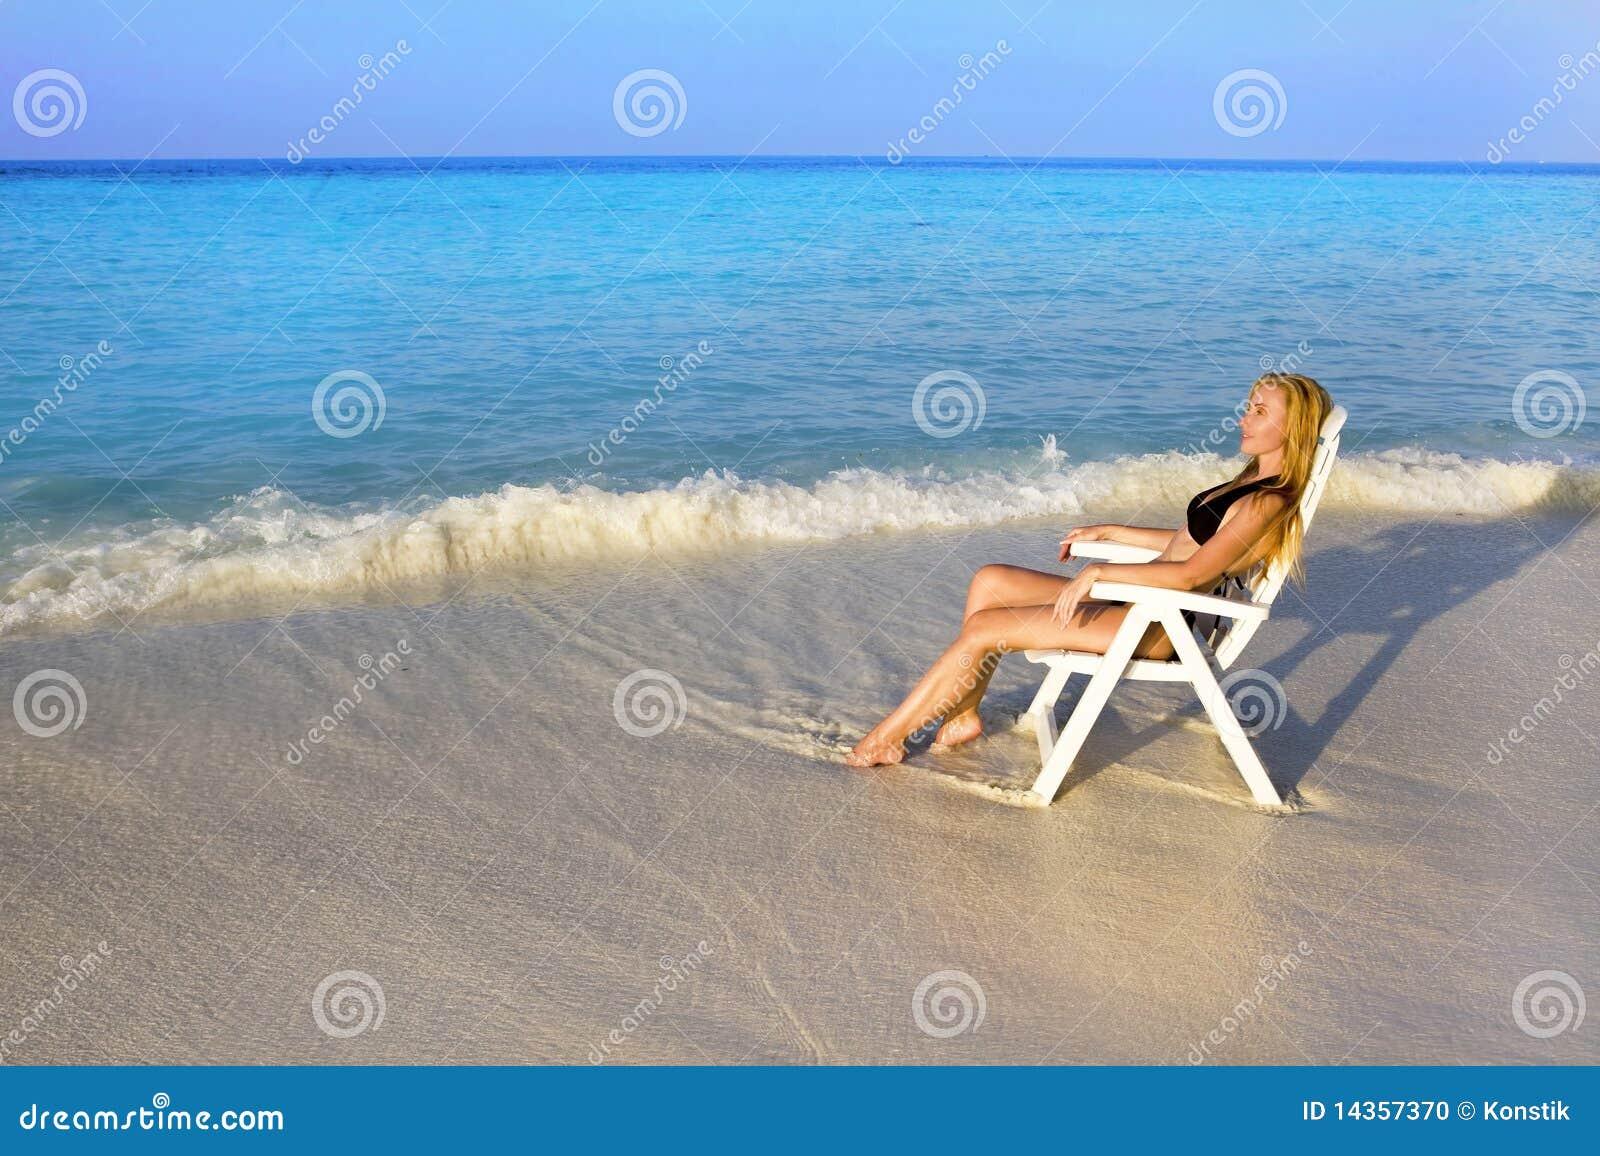 La mujer bonita joven broncea en silla de playa en el océano